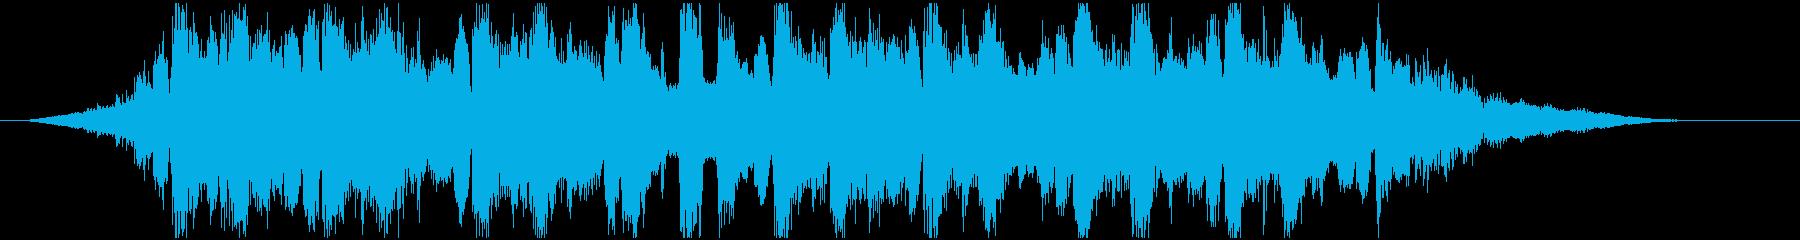 シンセリードとギターの柔らかなジングルの再生済みの波形